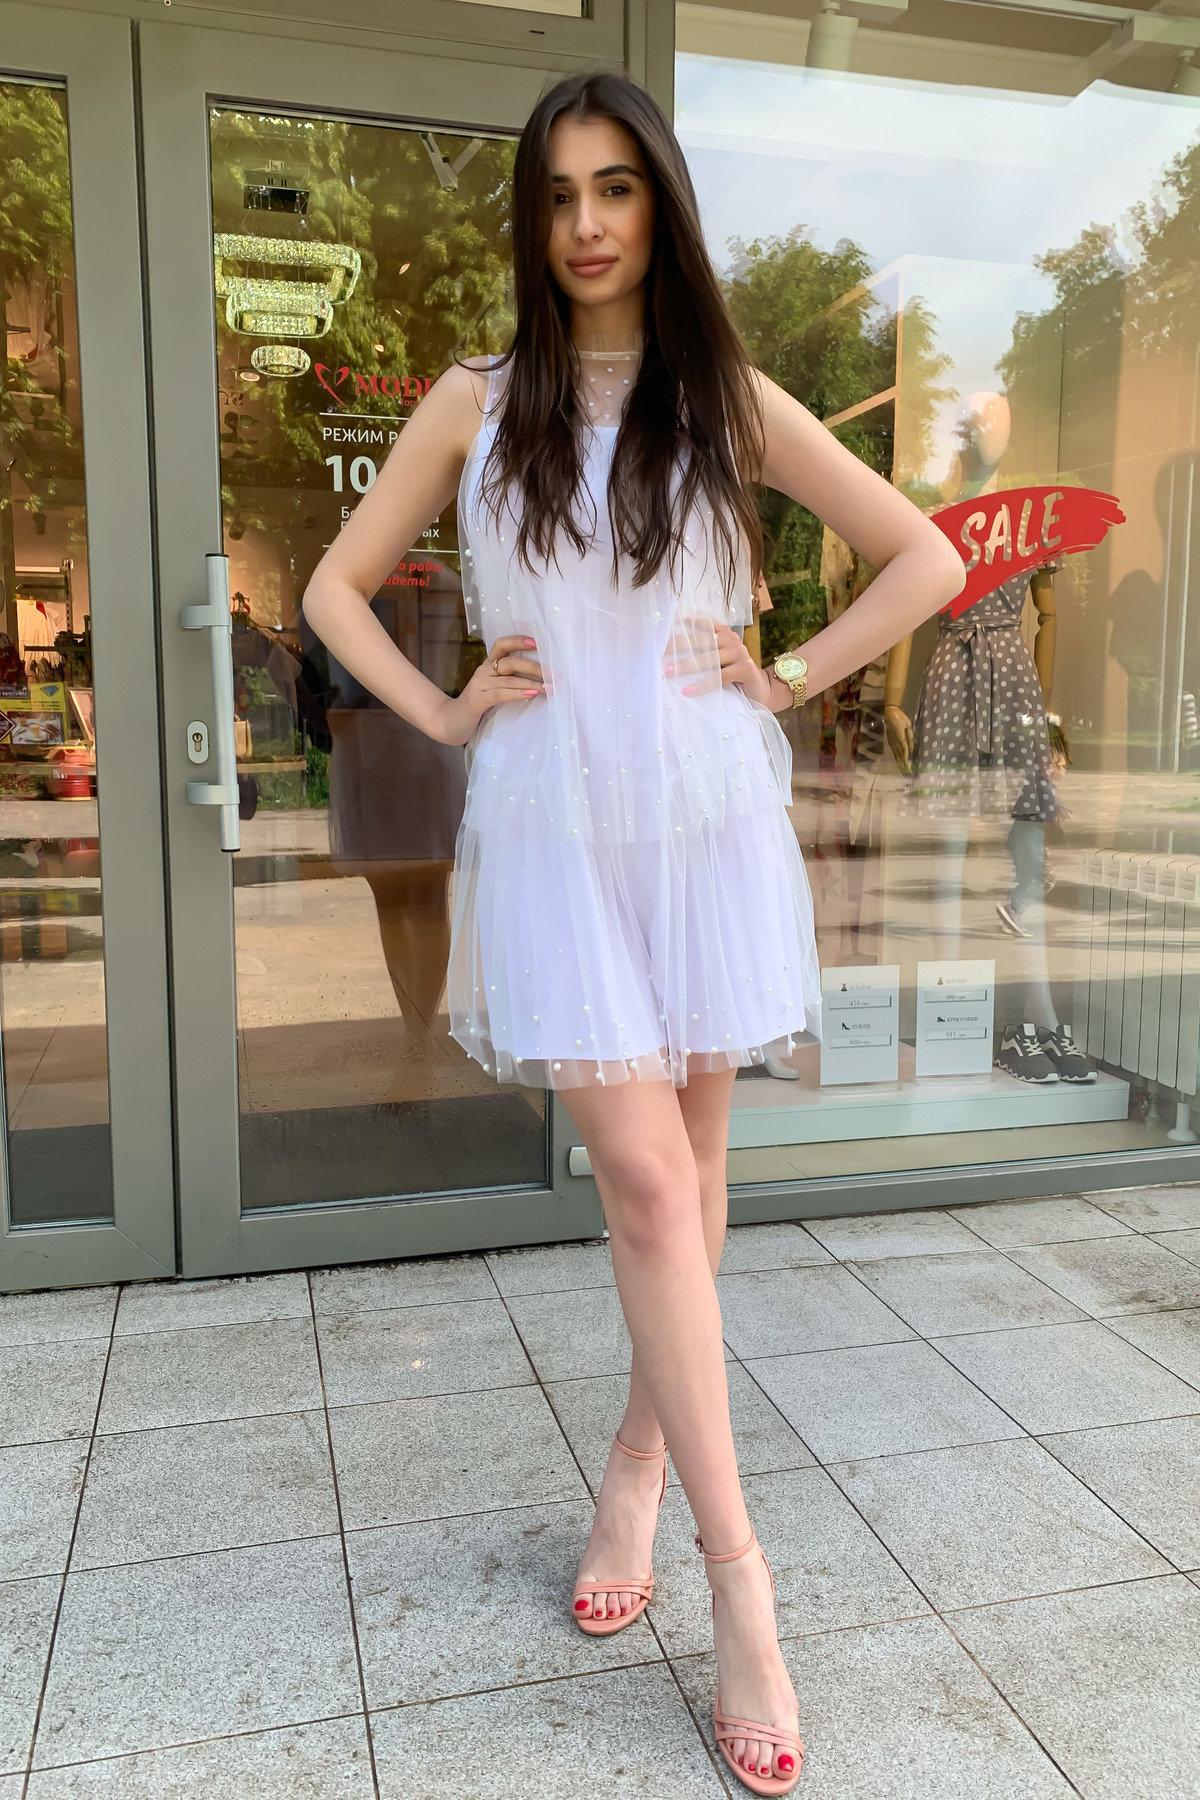 Платье Софт 9103 АРТ. 45423 Цвет: Белый - фото 3, интернет магазин tm-modus.ru